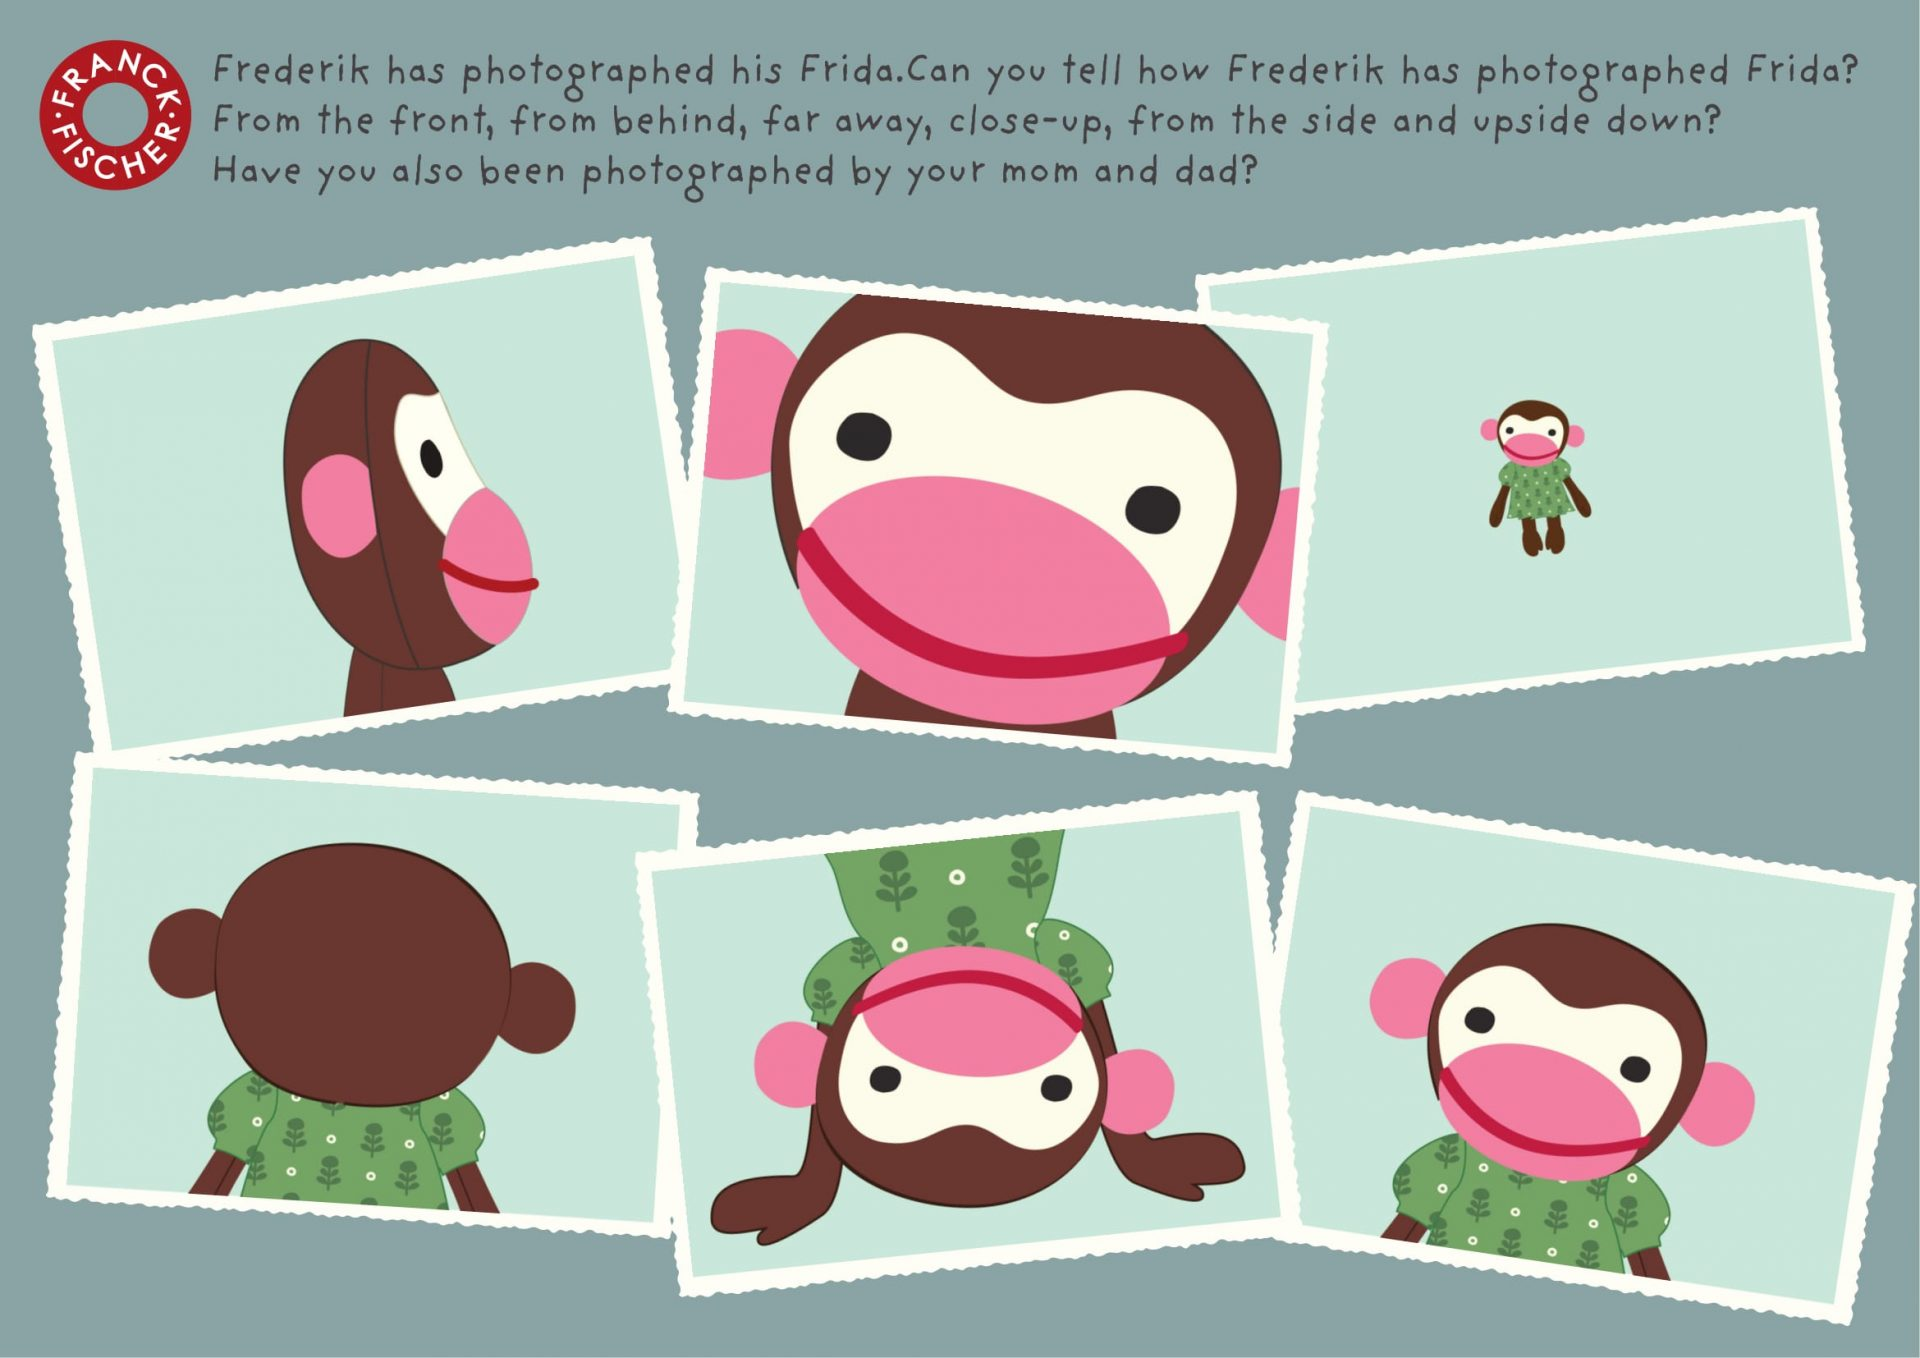 EN Frederik fotograferer-1